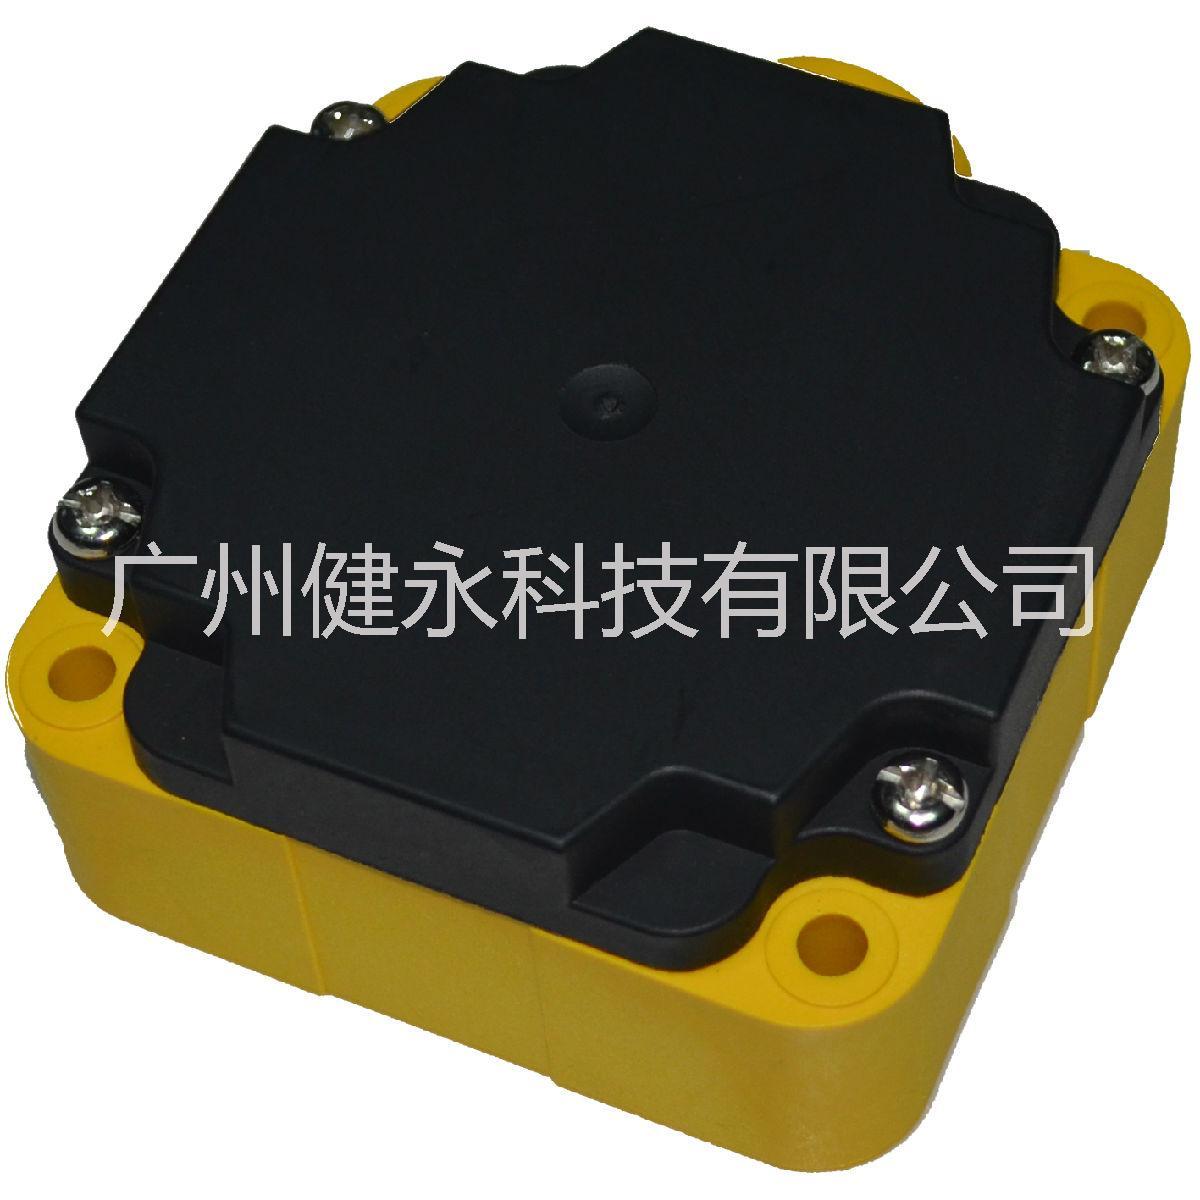 工业级AGV高速读卡器